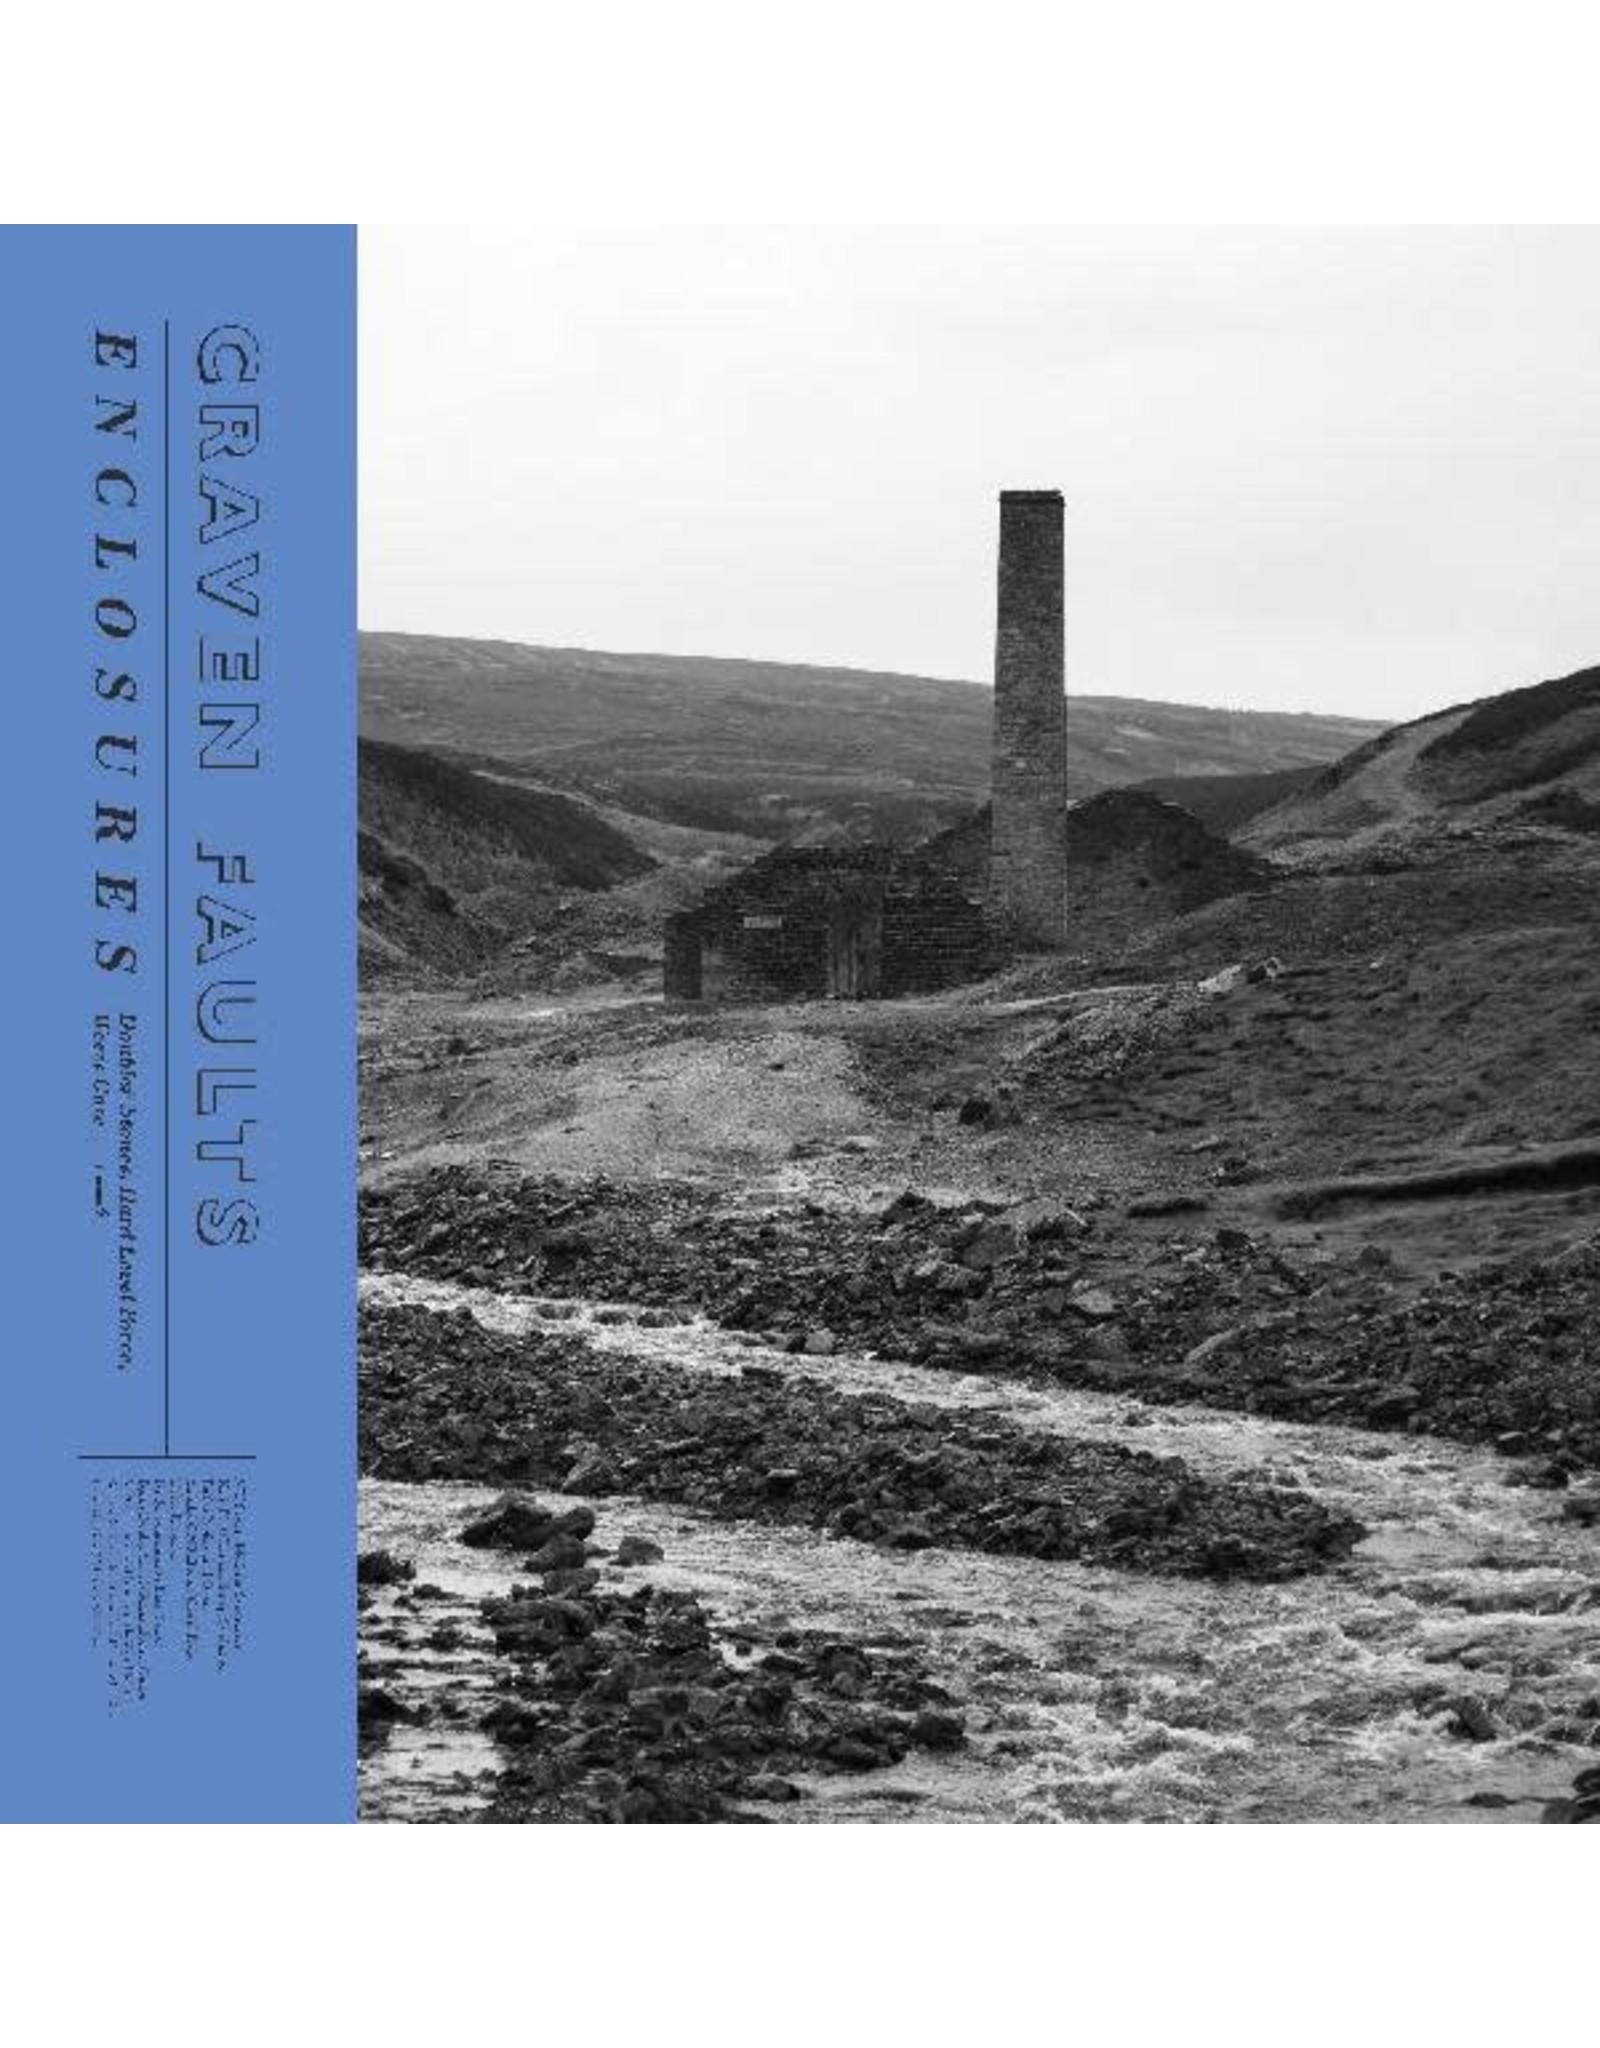 New Vinyl Craven Faults - Enclosures LP